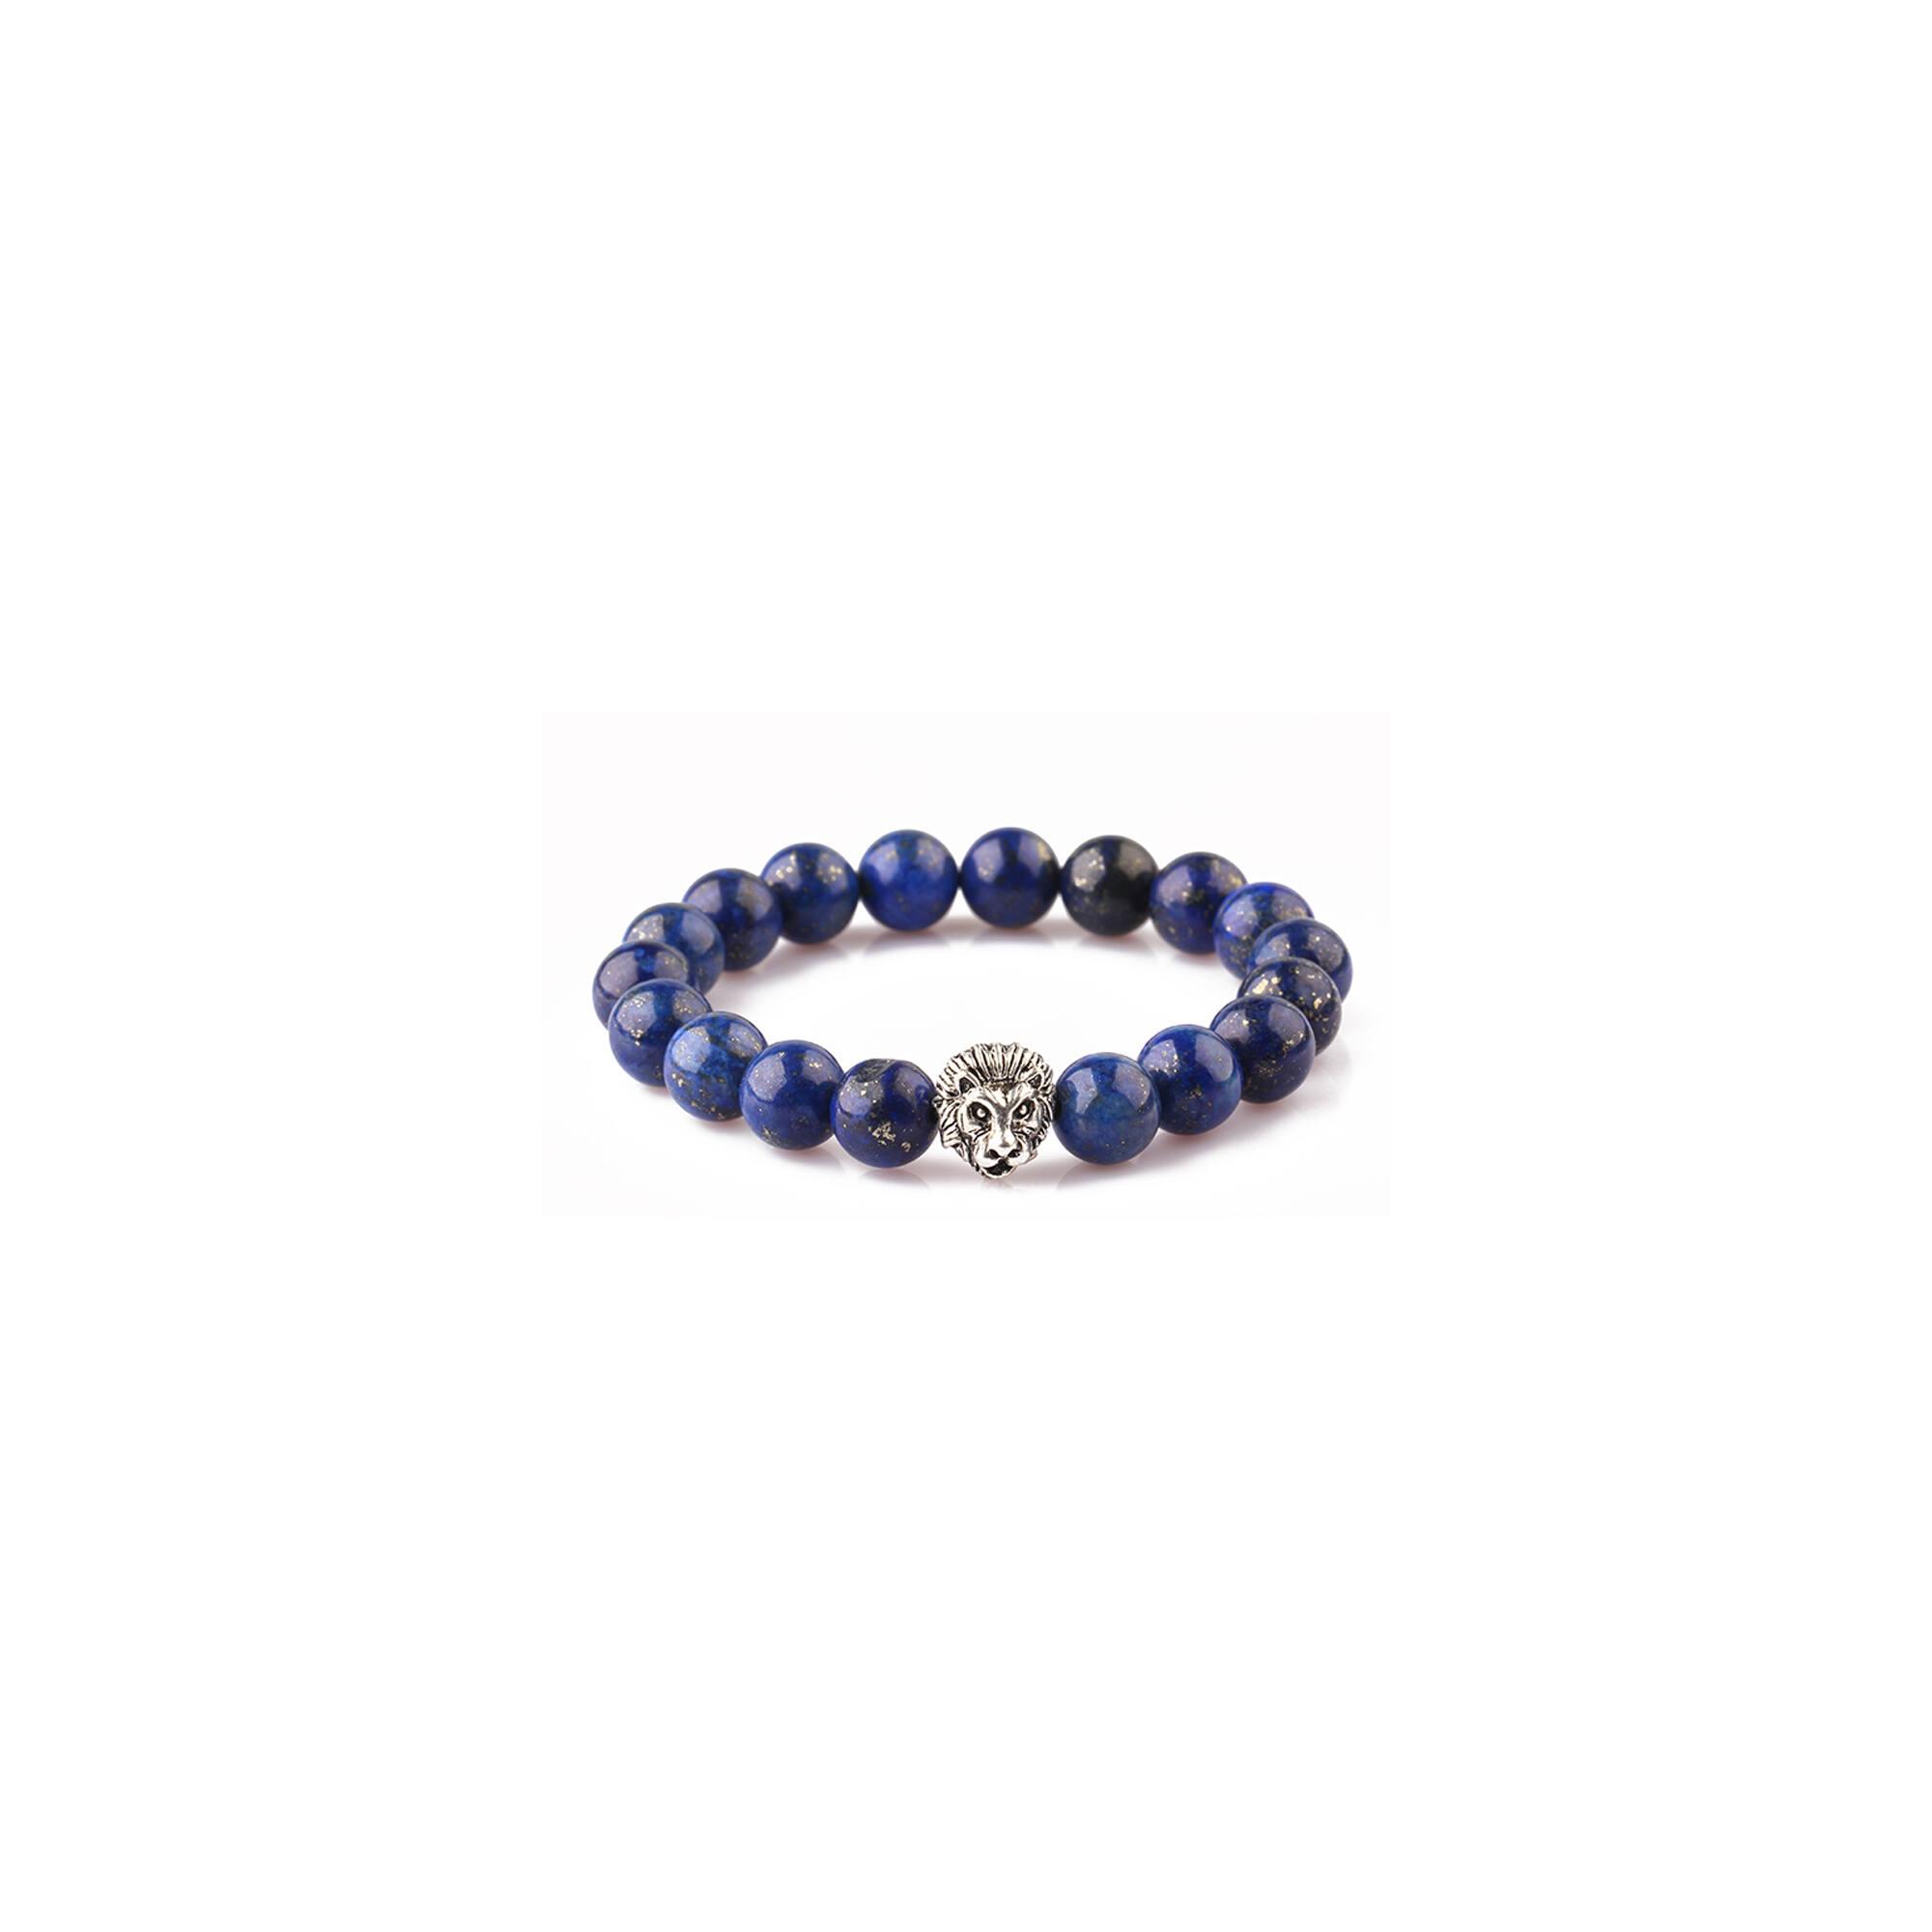 Lápisz lazuli karkötő, ezüst színű oroszlánnal